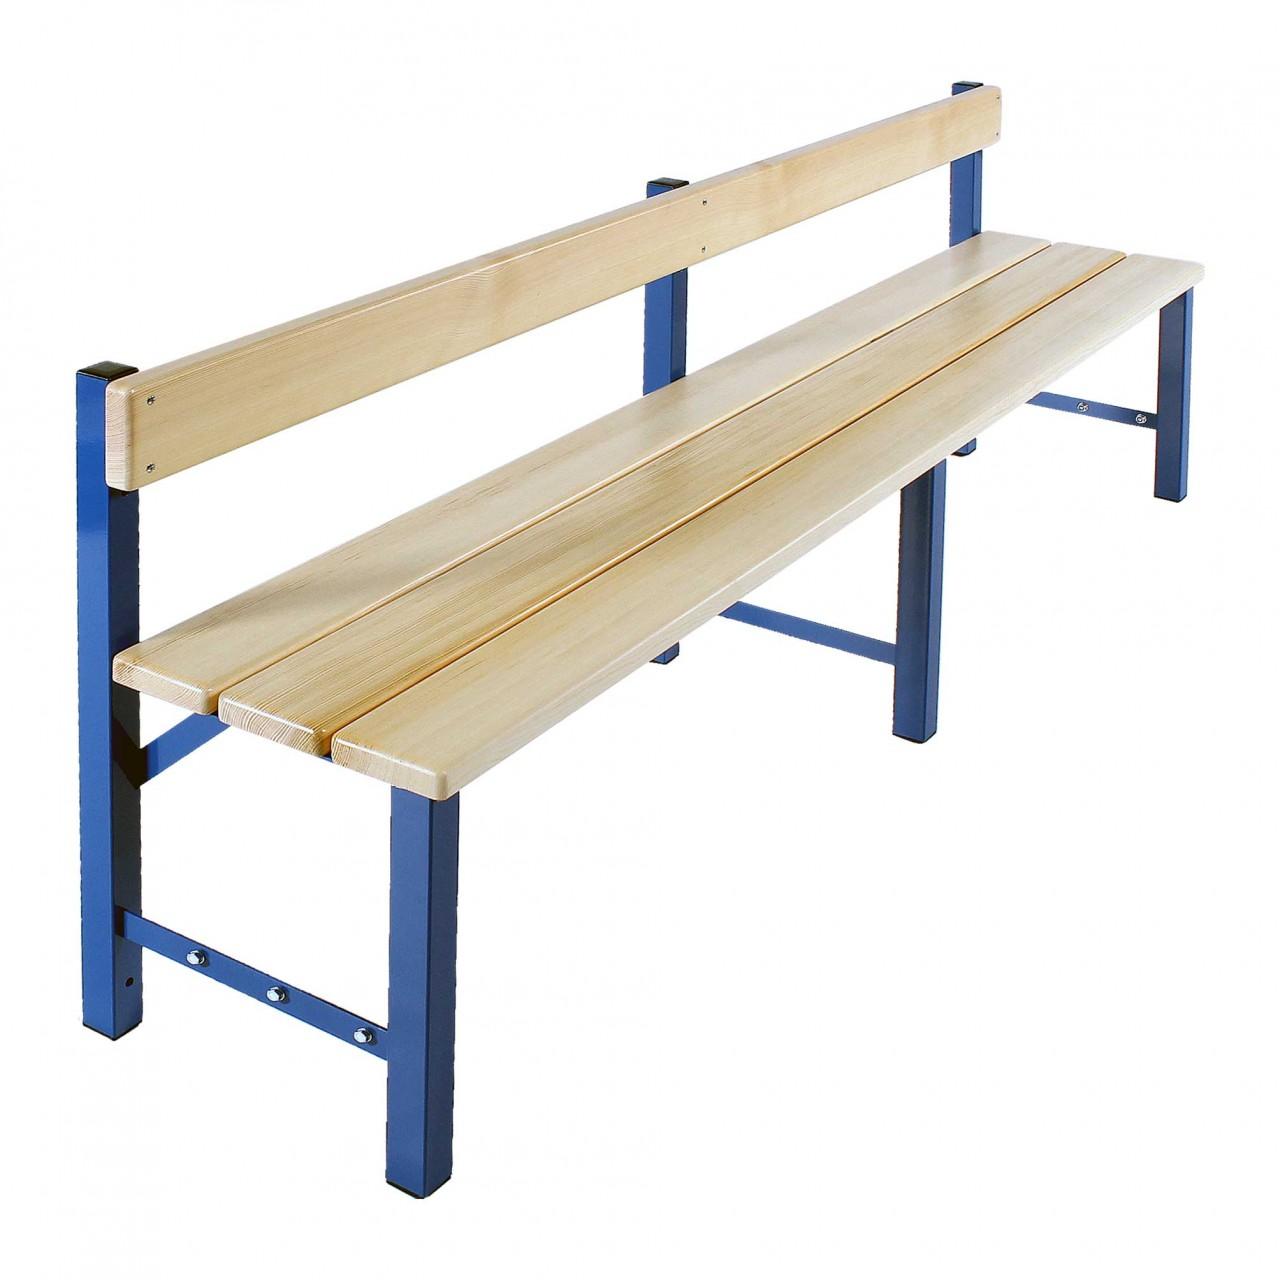 Einfache Umkleidebank mit Rückenlehne   Sitzbank für Umkleideraum ...